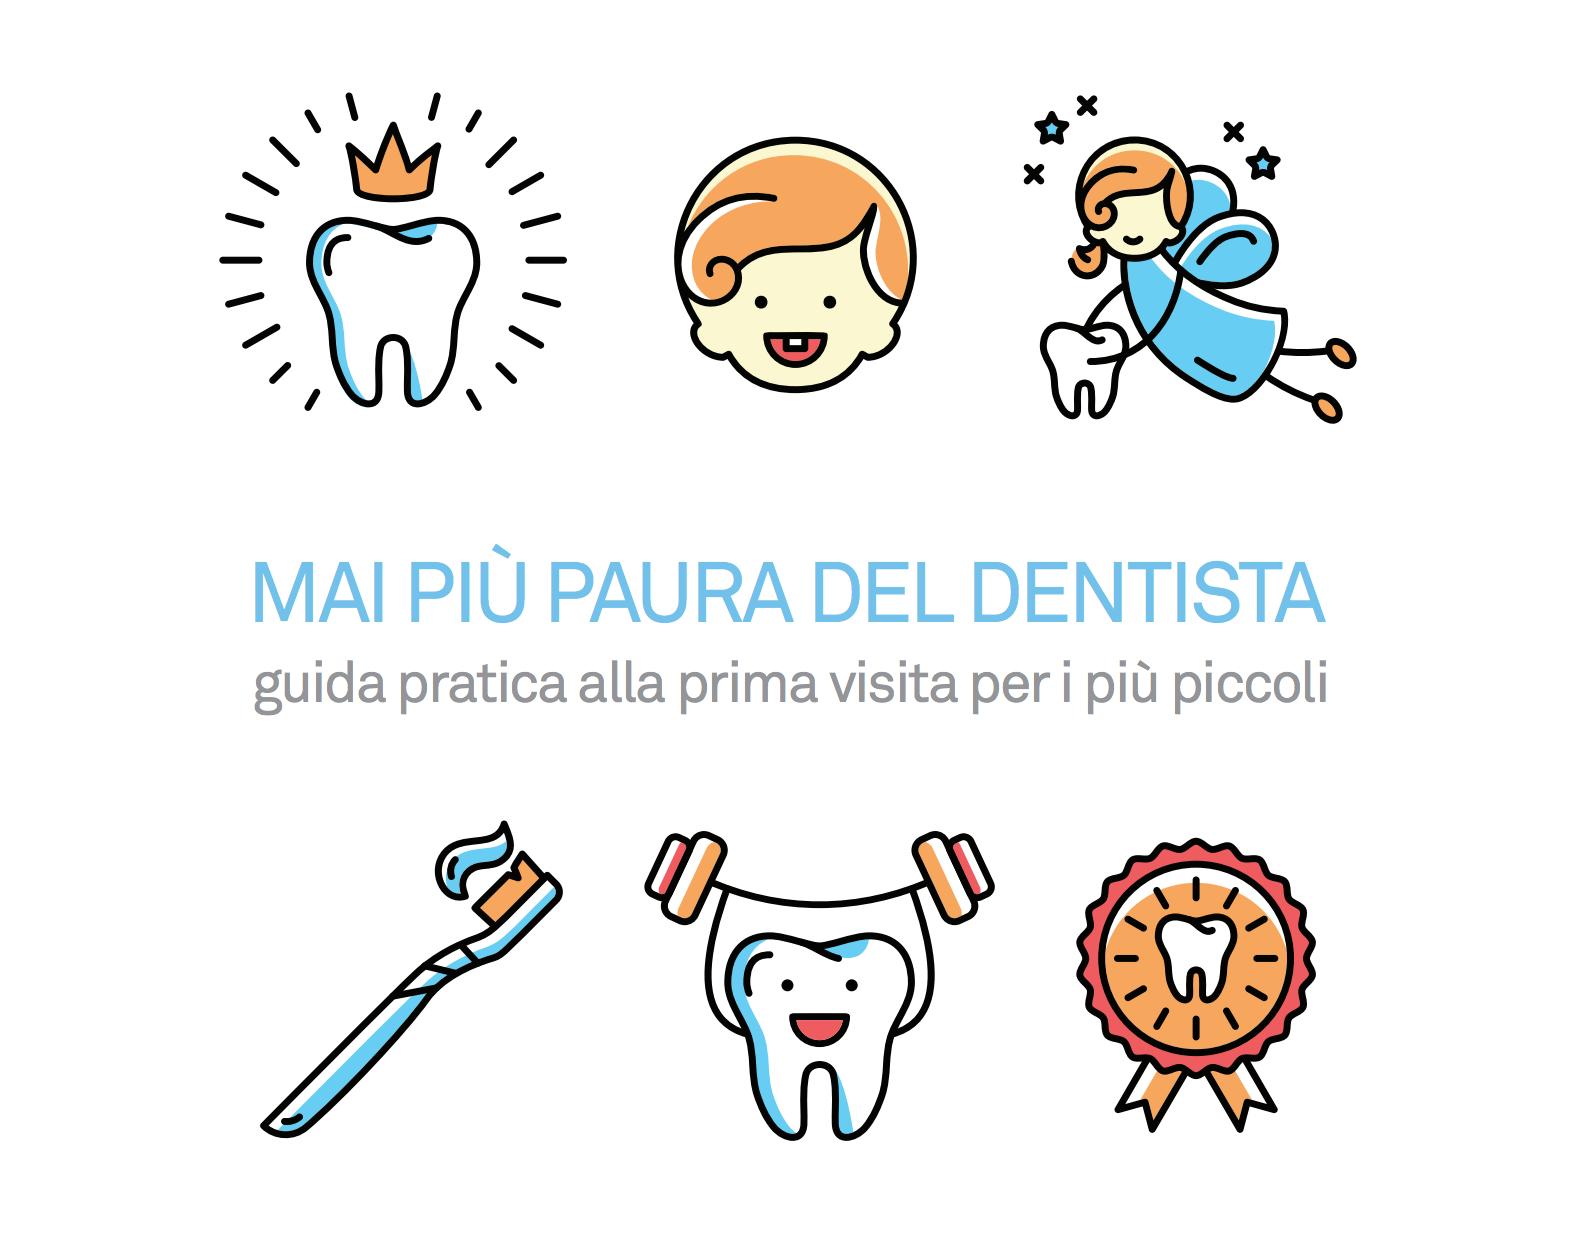 Guida Prima Visita Bambini dal Dentista - Studio Dott Ponchio Dentista Locarno